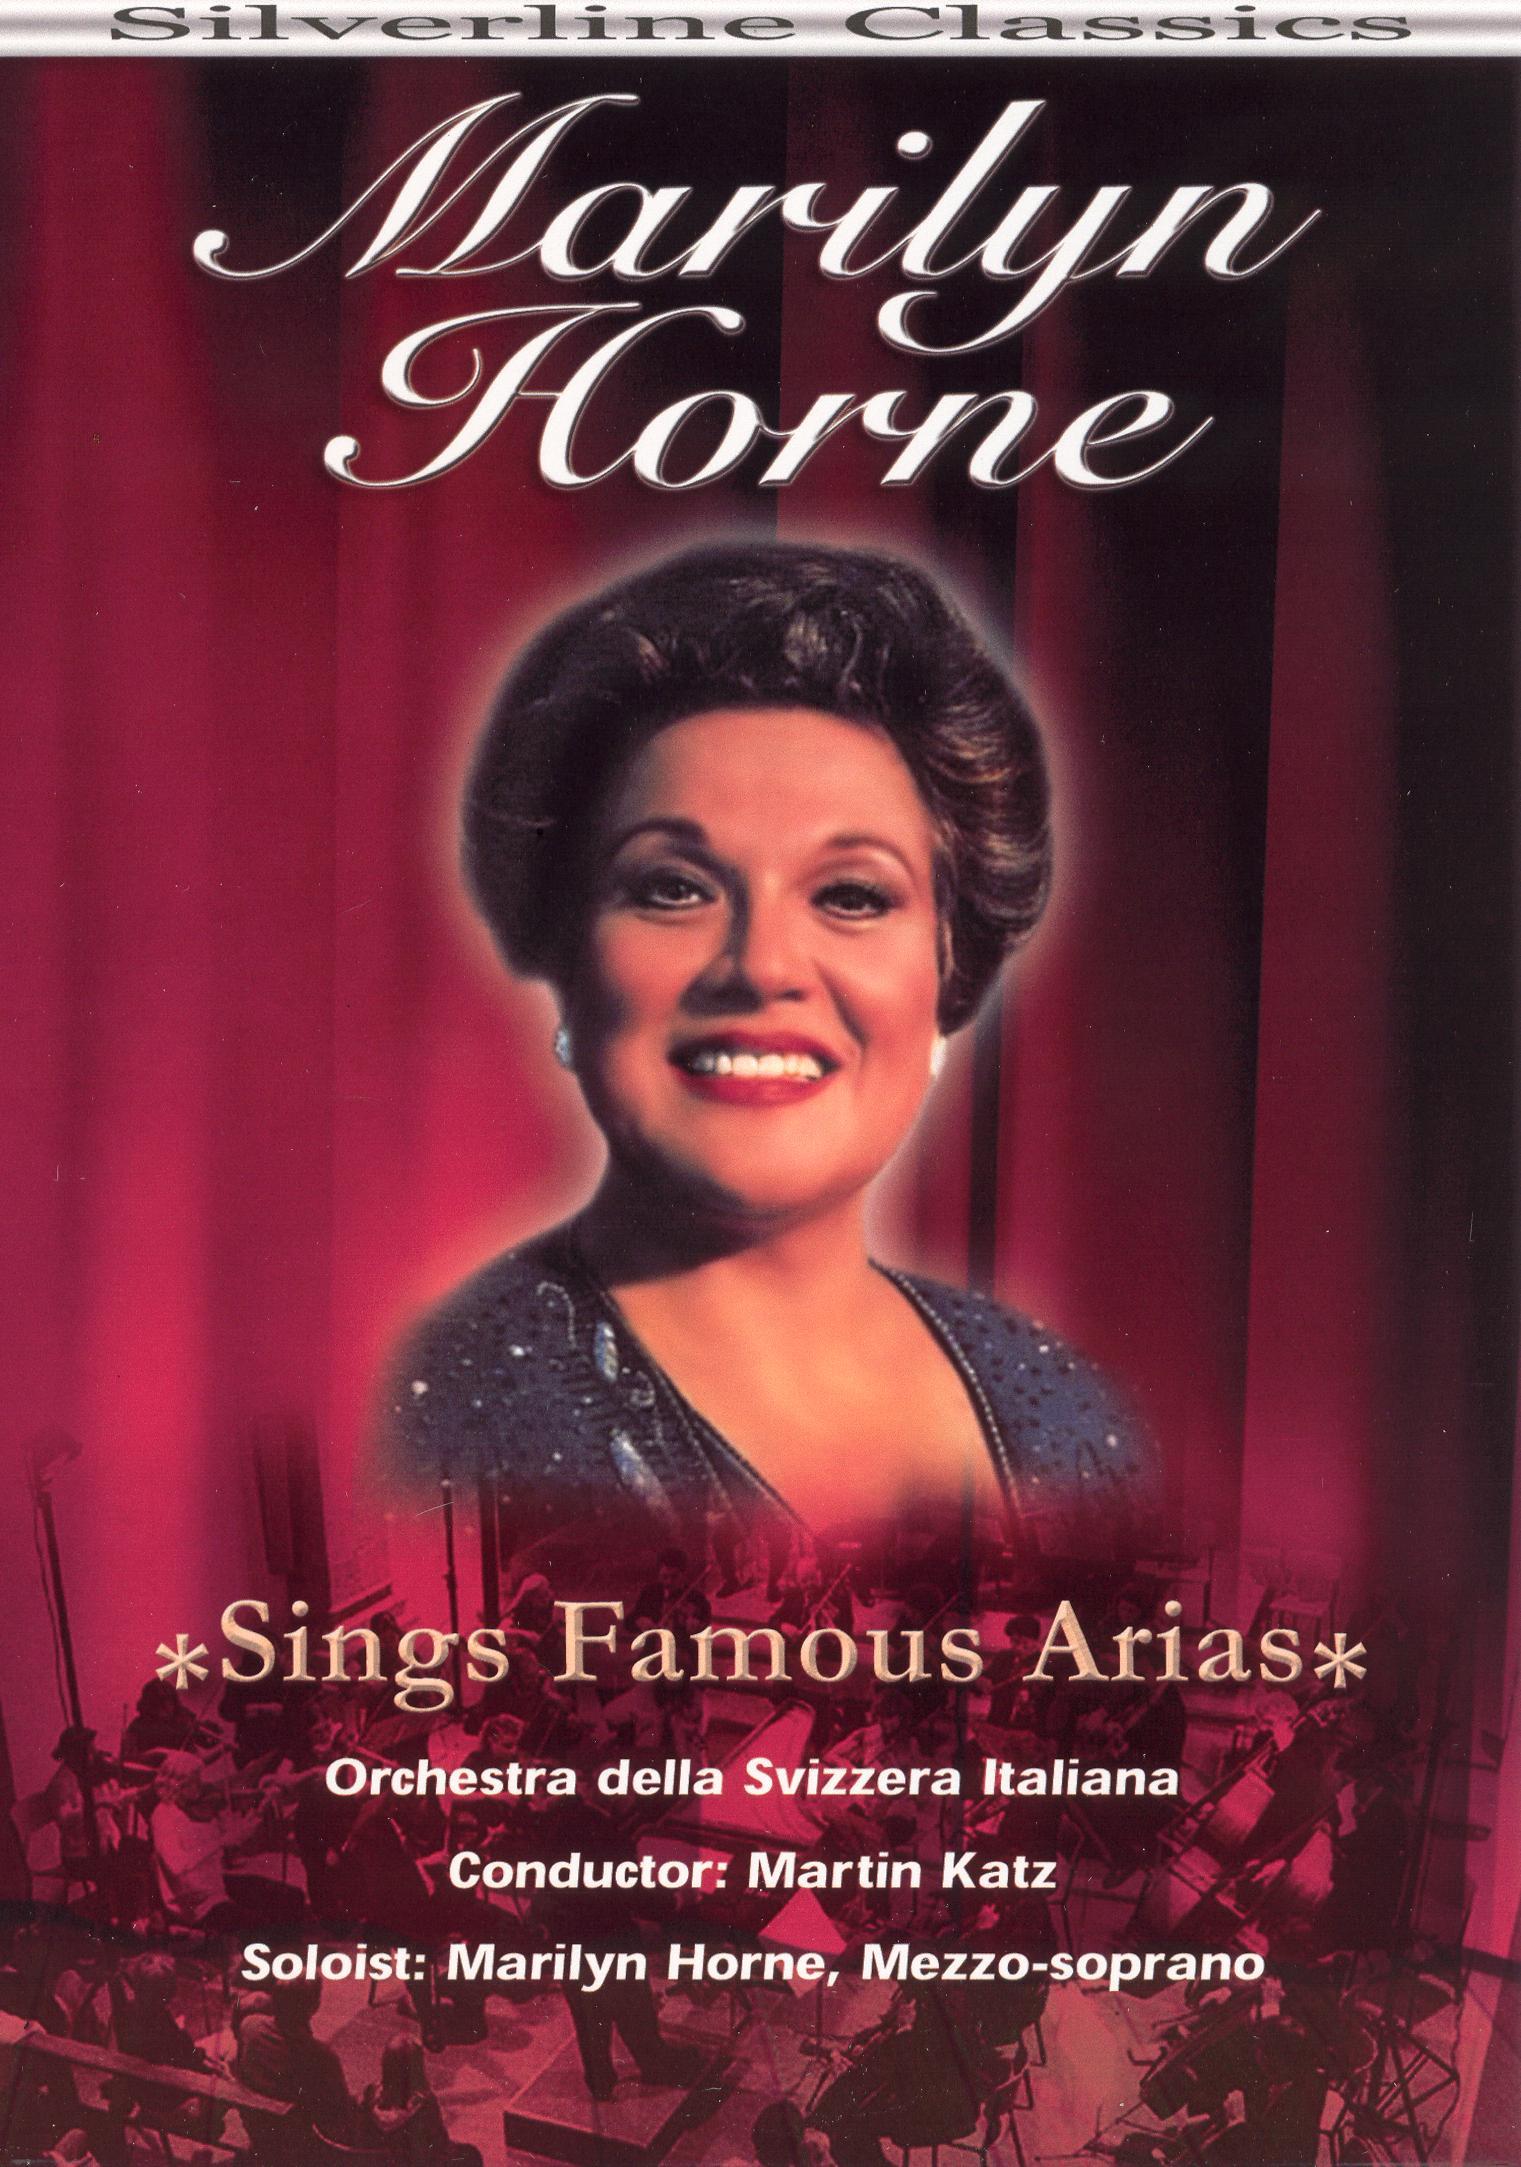 Marilyn Horne Sings Famous Arias